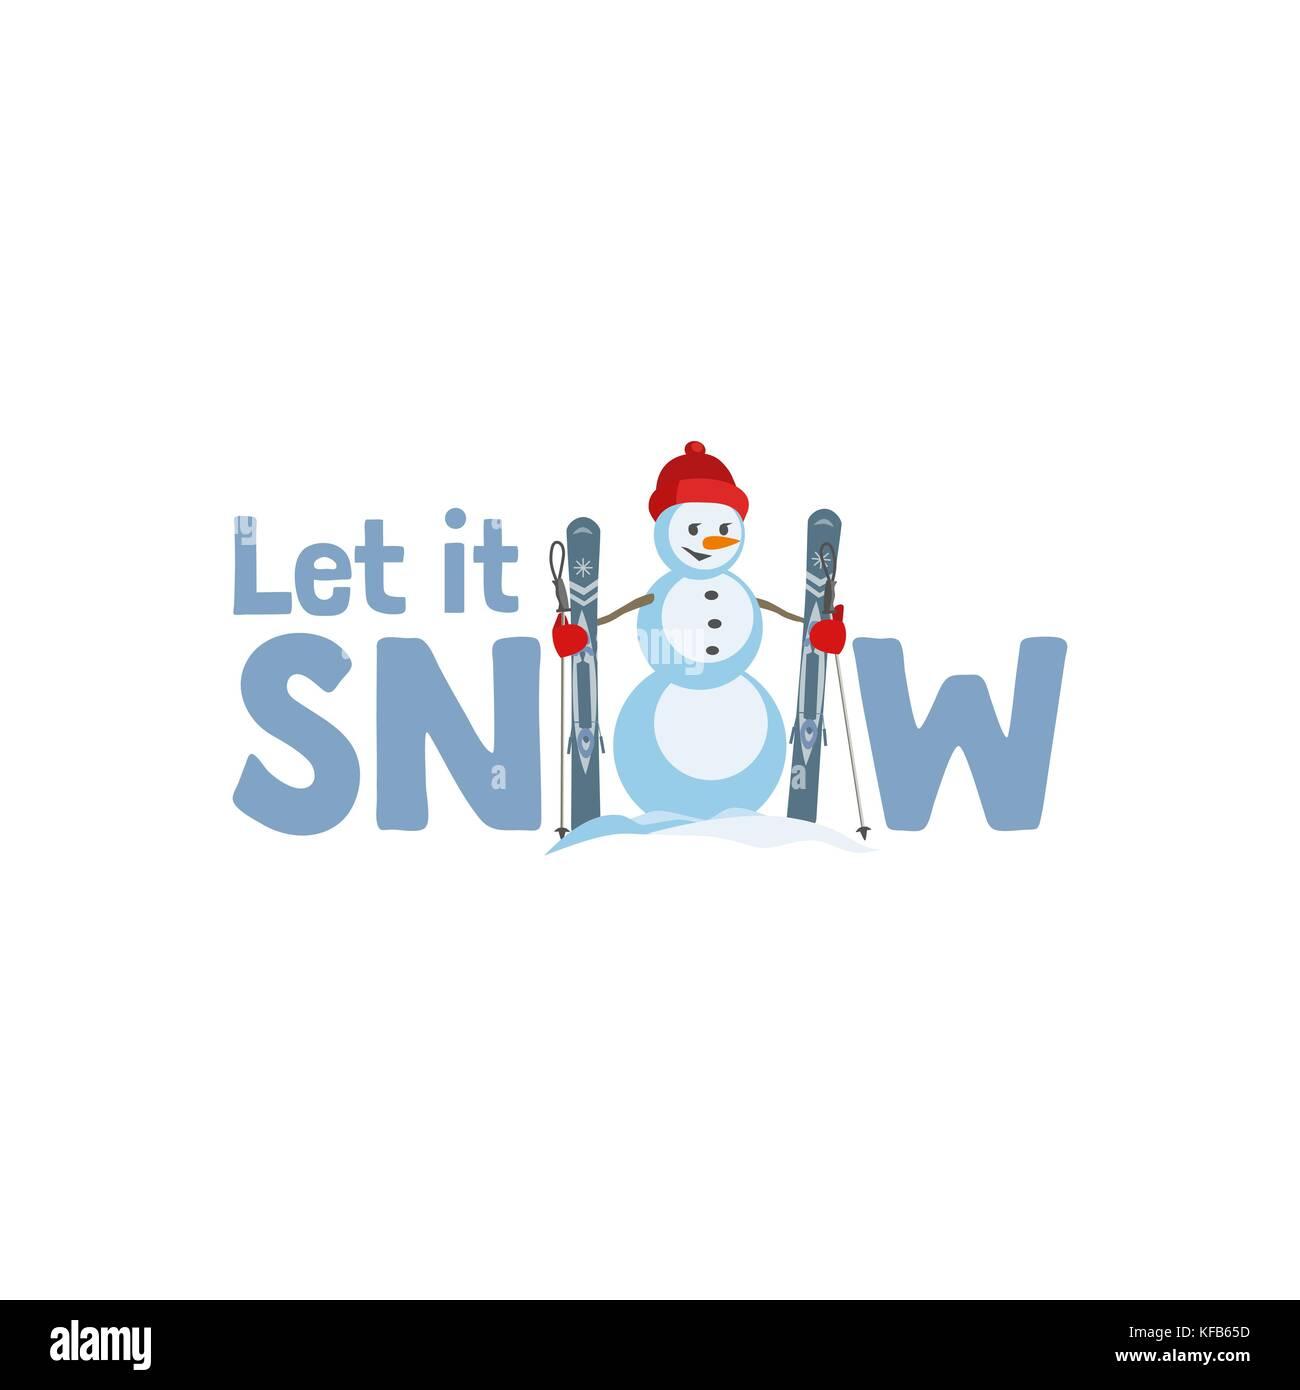 Urlaub Wünschen Lassen Sie Es Schneien Fancy Buchstaben Cartoon